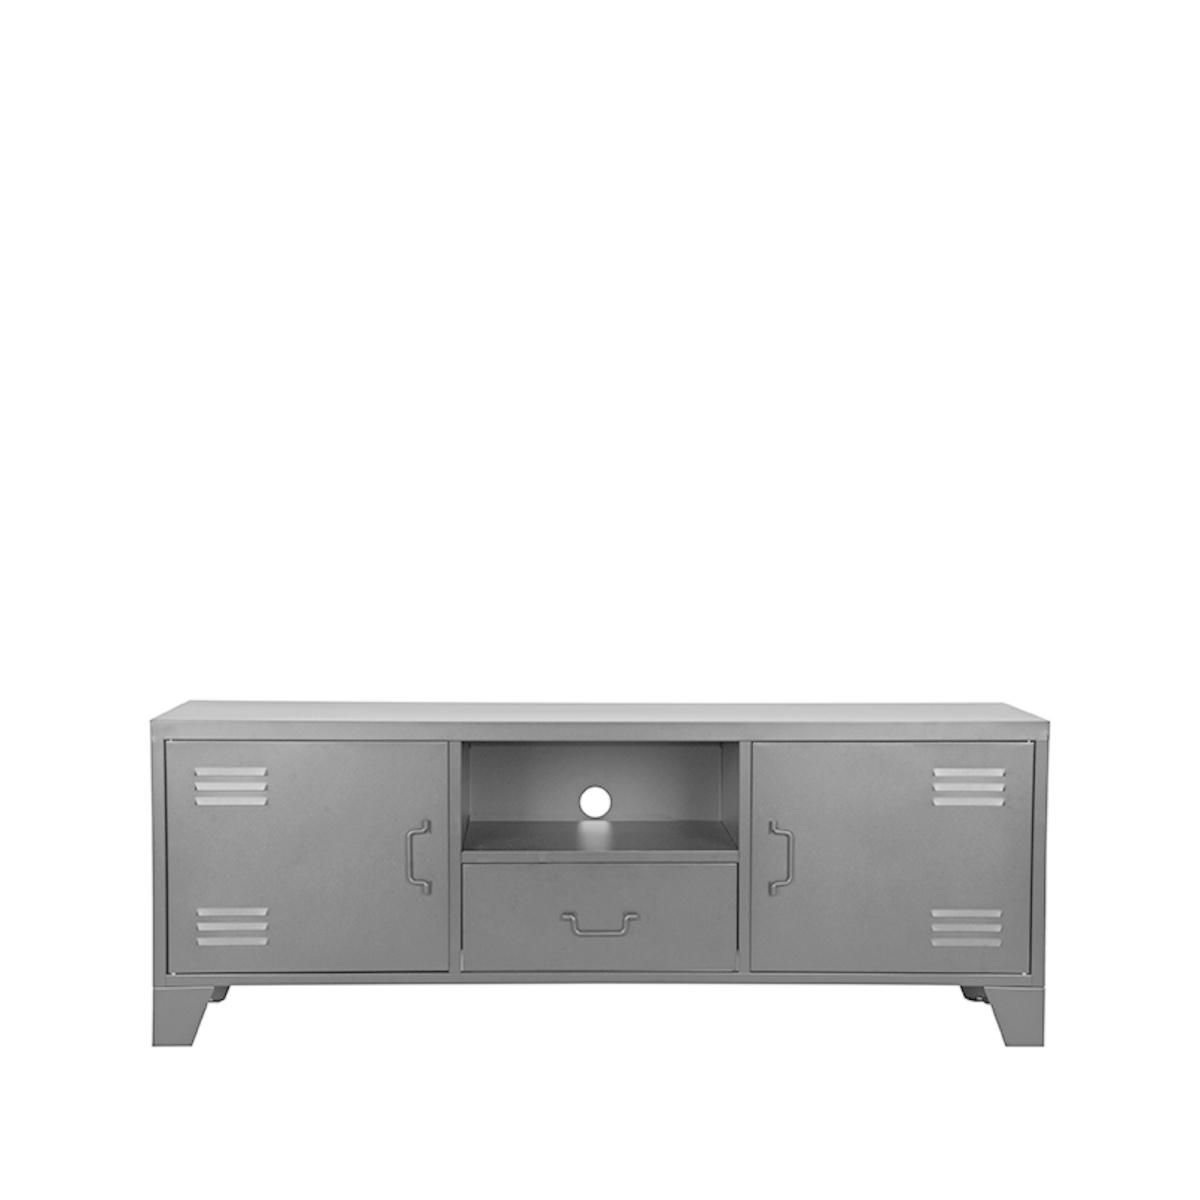 Tv-meubel Fence - Zwart - Metaal